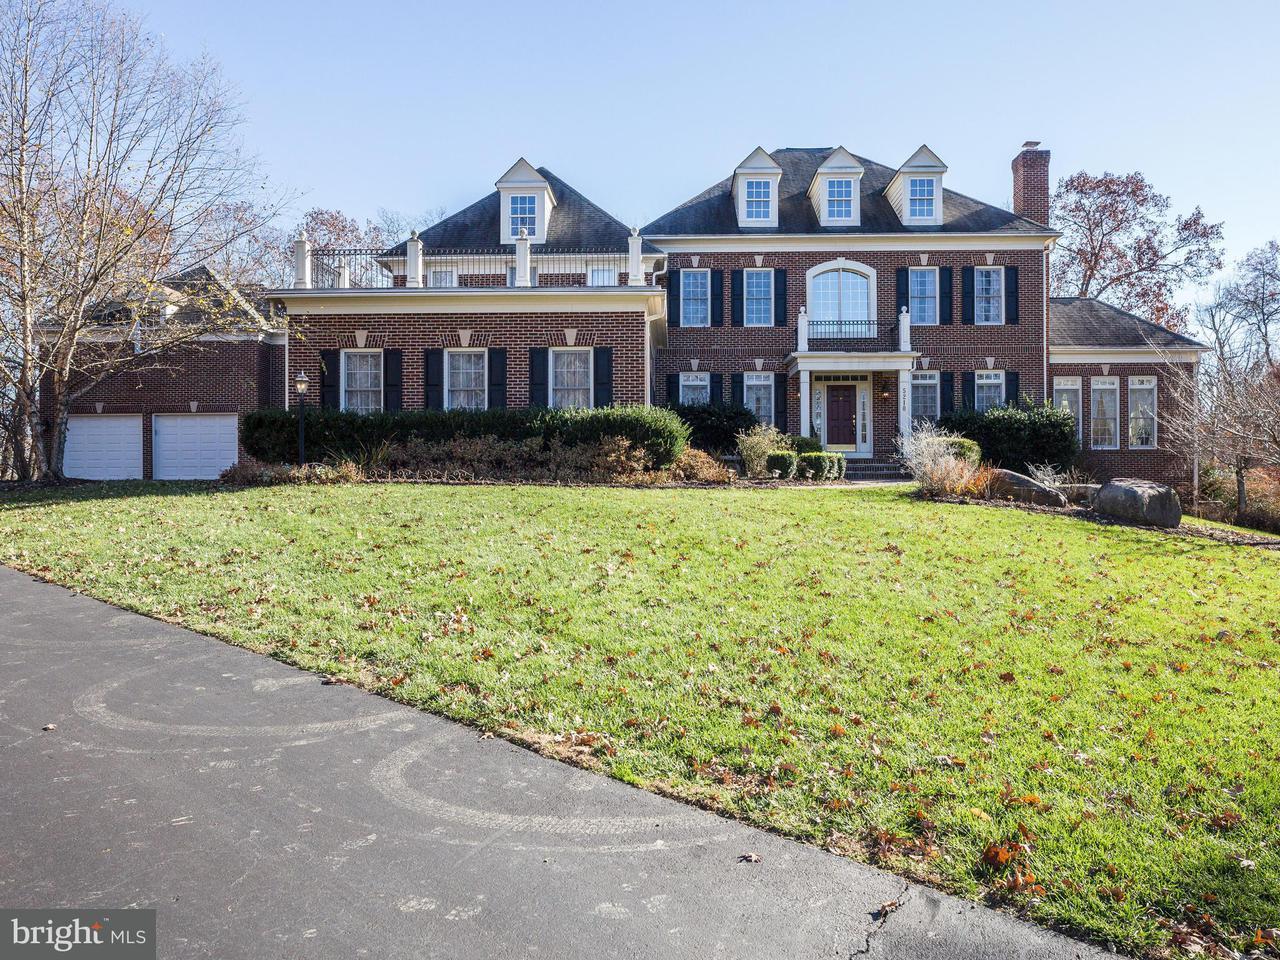 独户住宅 为 销售 在 5210 Tre Towers Court 5210 Tre Towers Court 森特维尔, 弗吉尼亚州 20120 美国